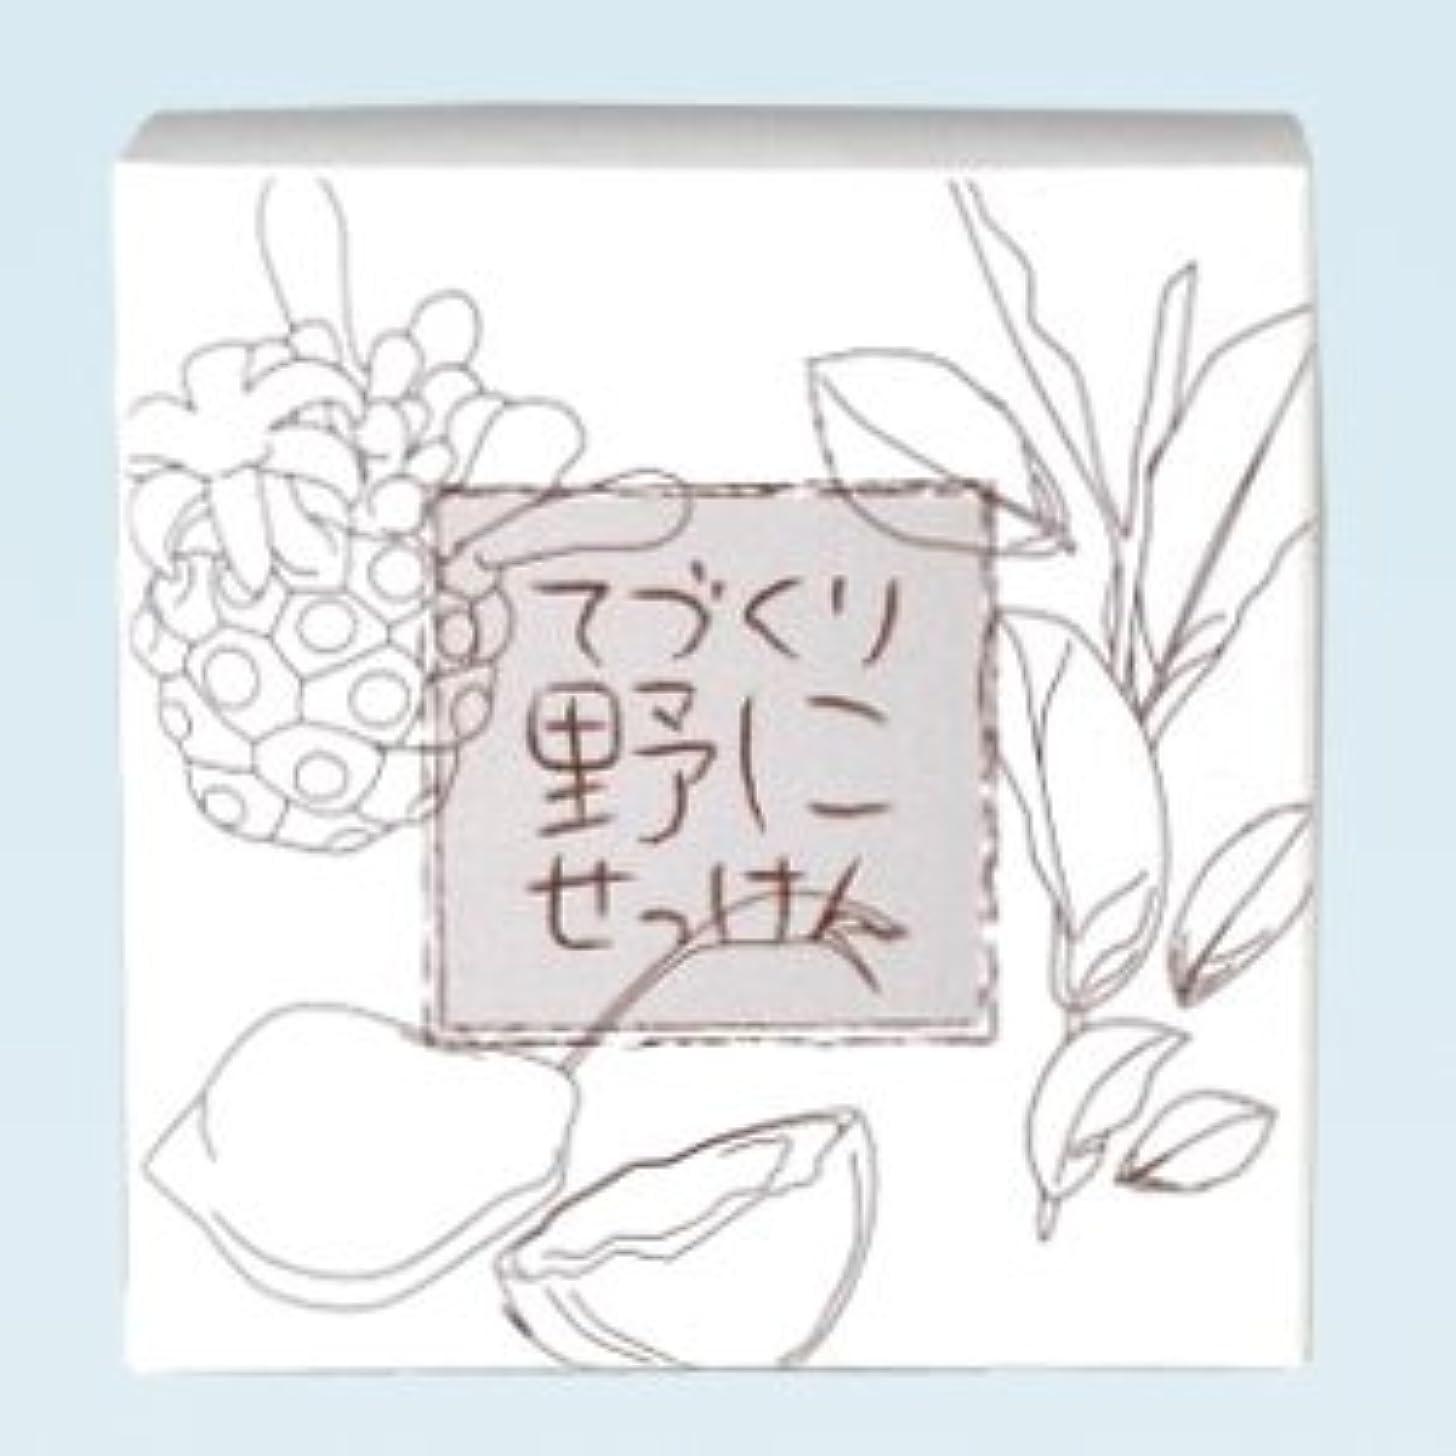 潜在的な無声で振りかける緑茶ノニ石鹸 てづくり野にせっけん(115g)